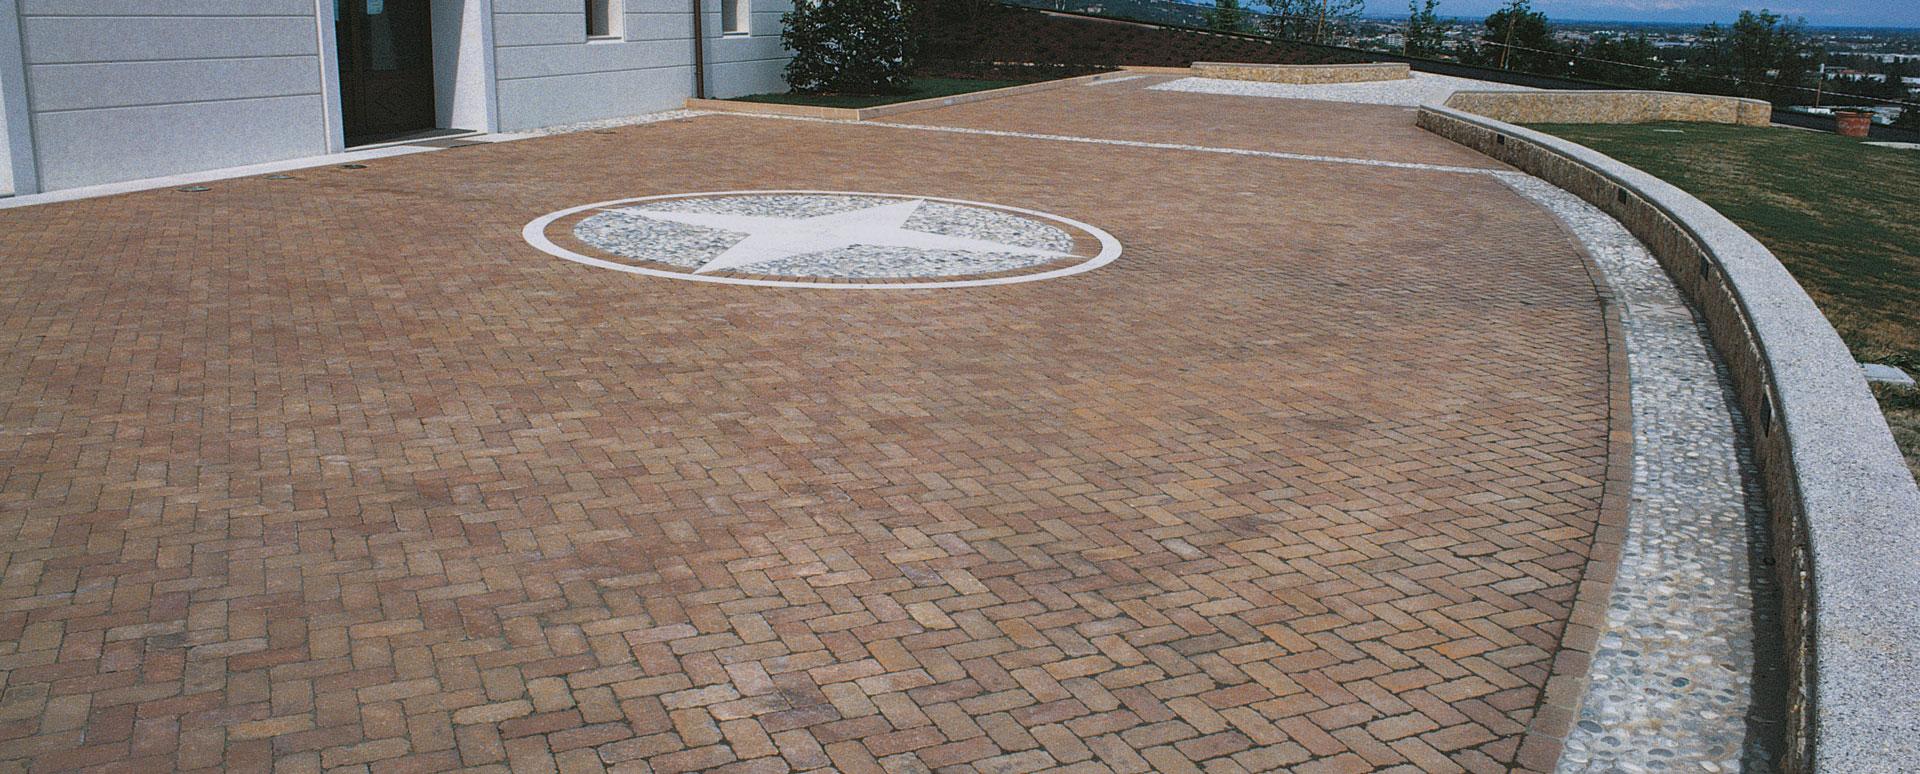 Pietra da giardino ornamentali cordoli e pavimenti 2 betonella - Betonelle da esterno prezzi ...